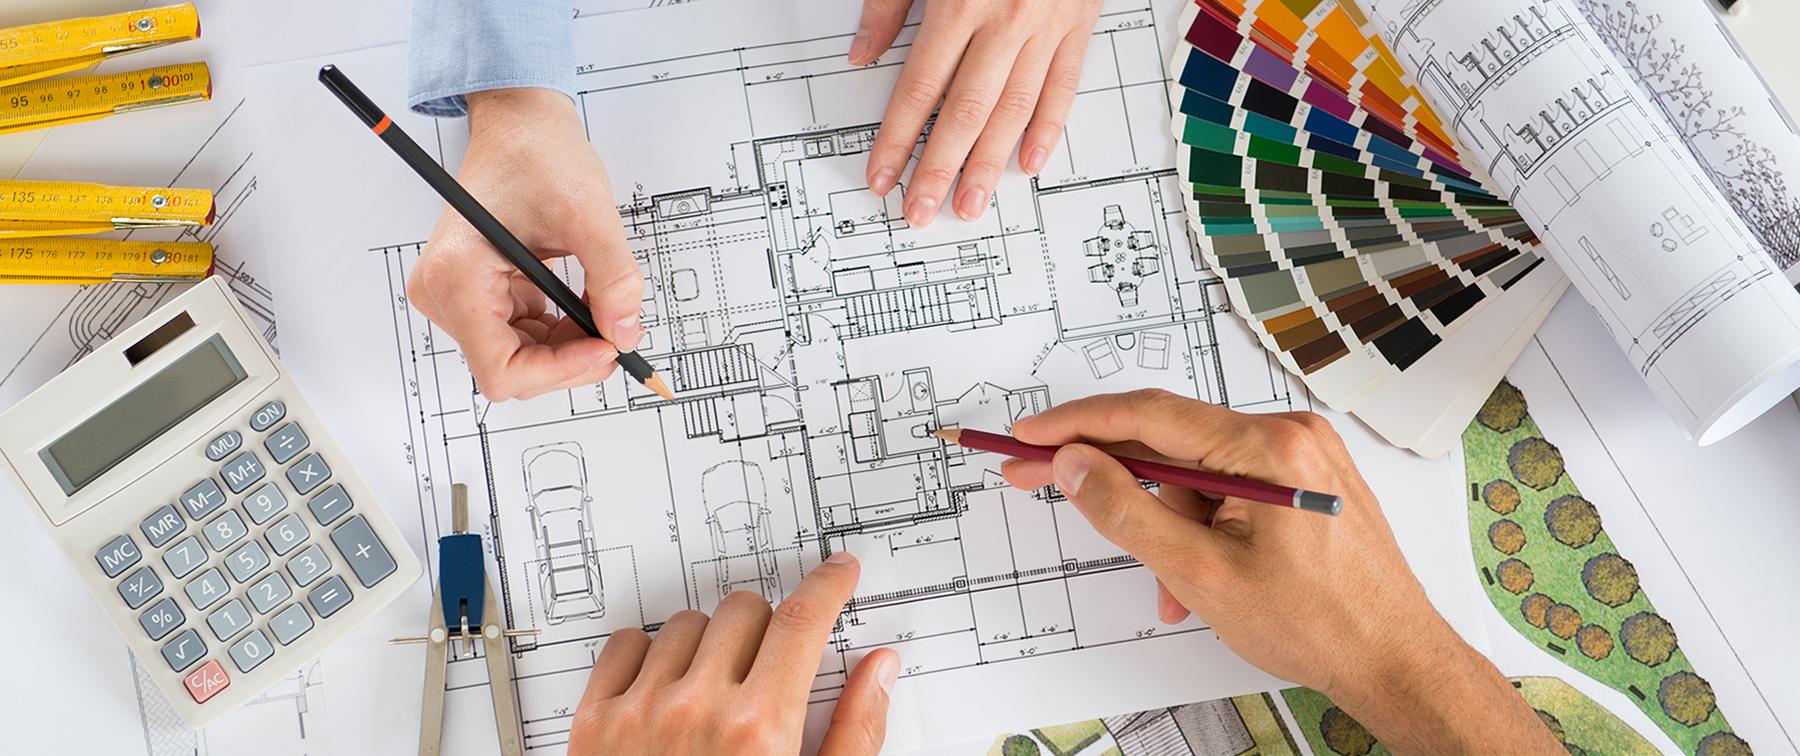 Vår arkitekt og byggmester utfører prosjektarbeid og andre byggtjenester